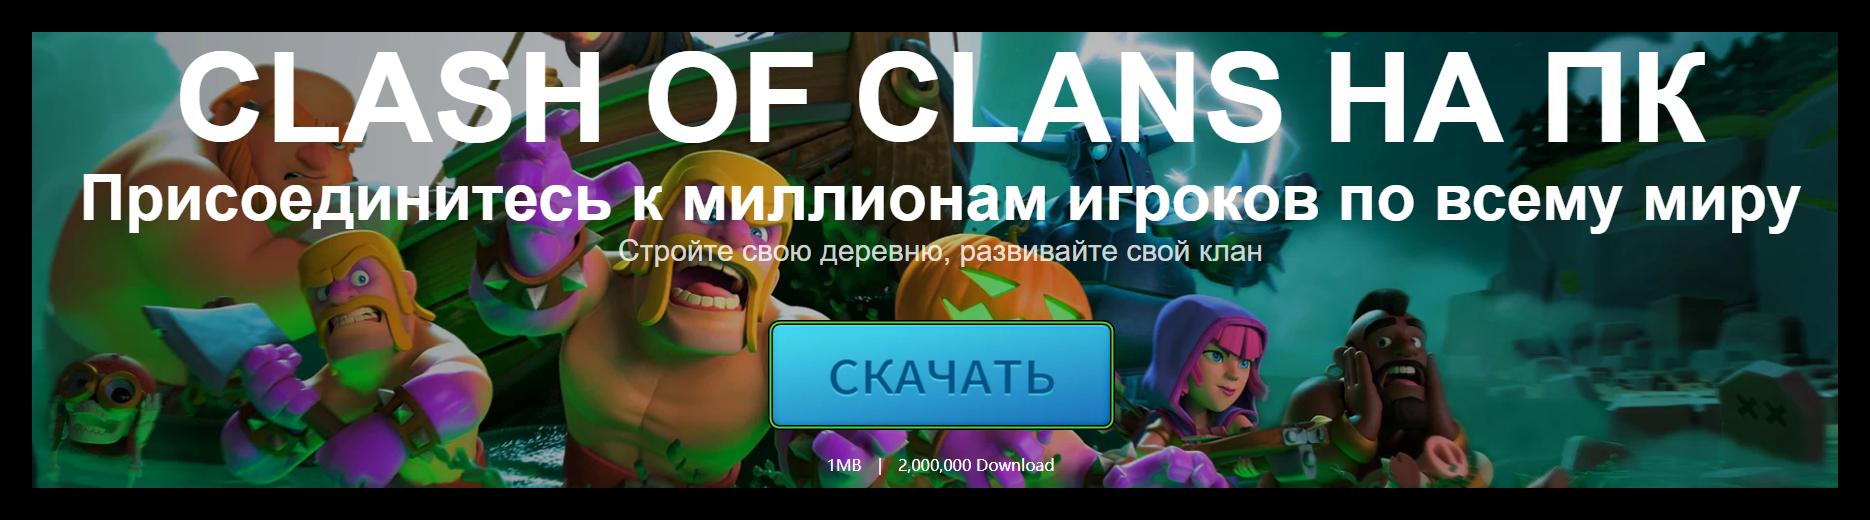 Скачать GameLoop с Clash of Clans